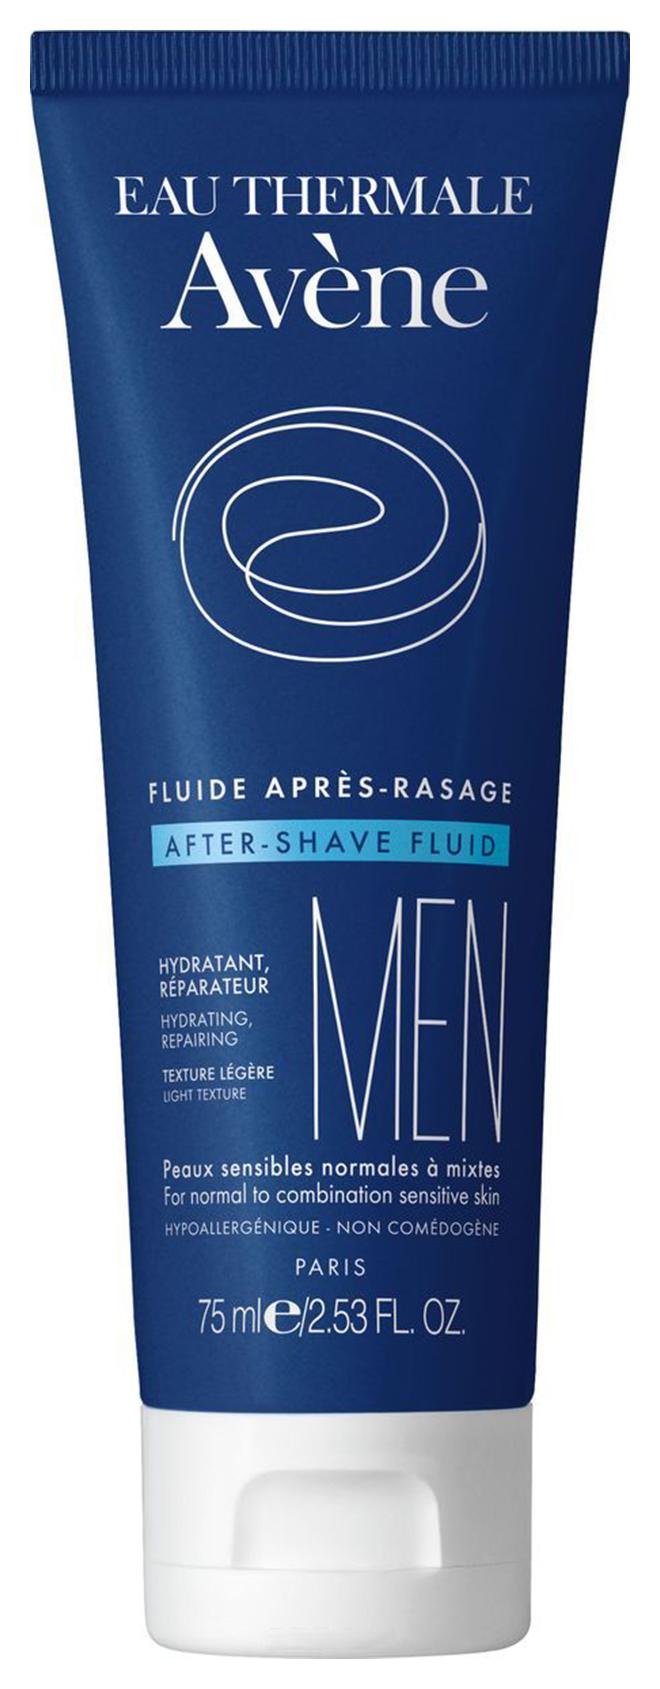 Купить Лосьон после бритья Avene For men для нормальной и чувствительной кожи 75 мл, Для нормальной и чувствительной кожи